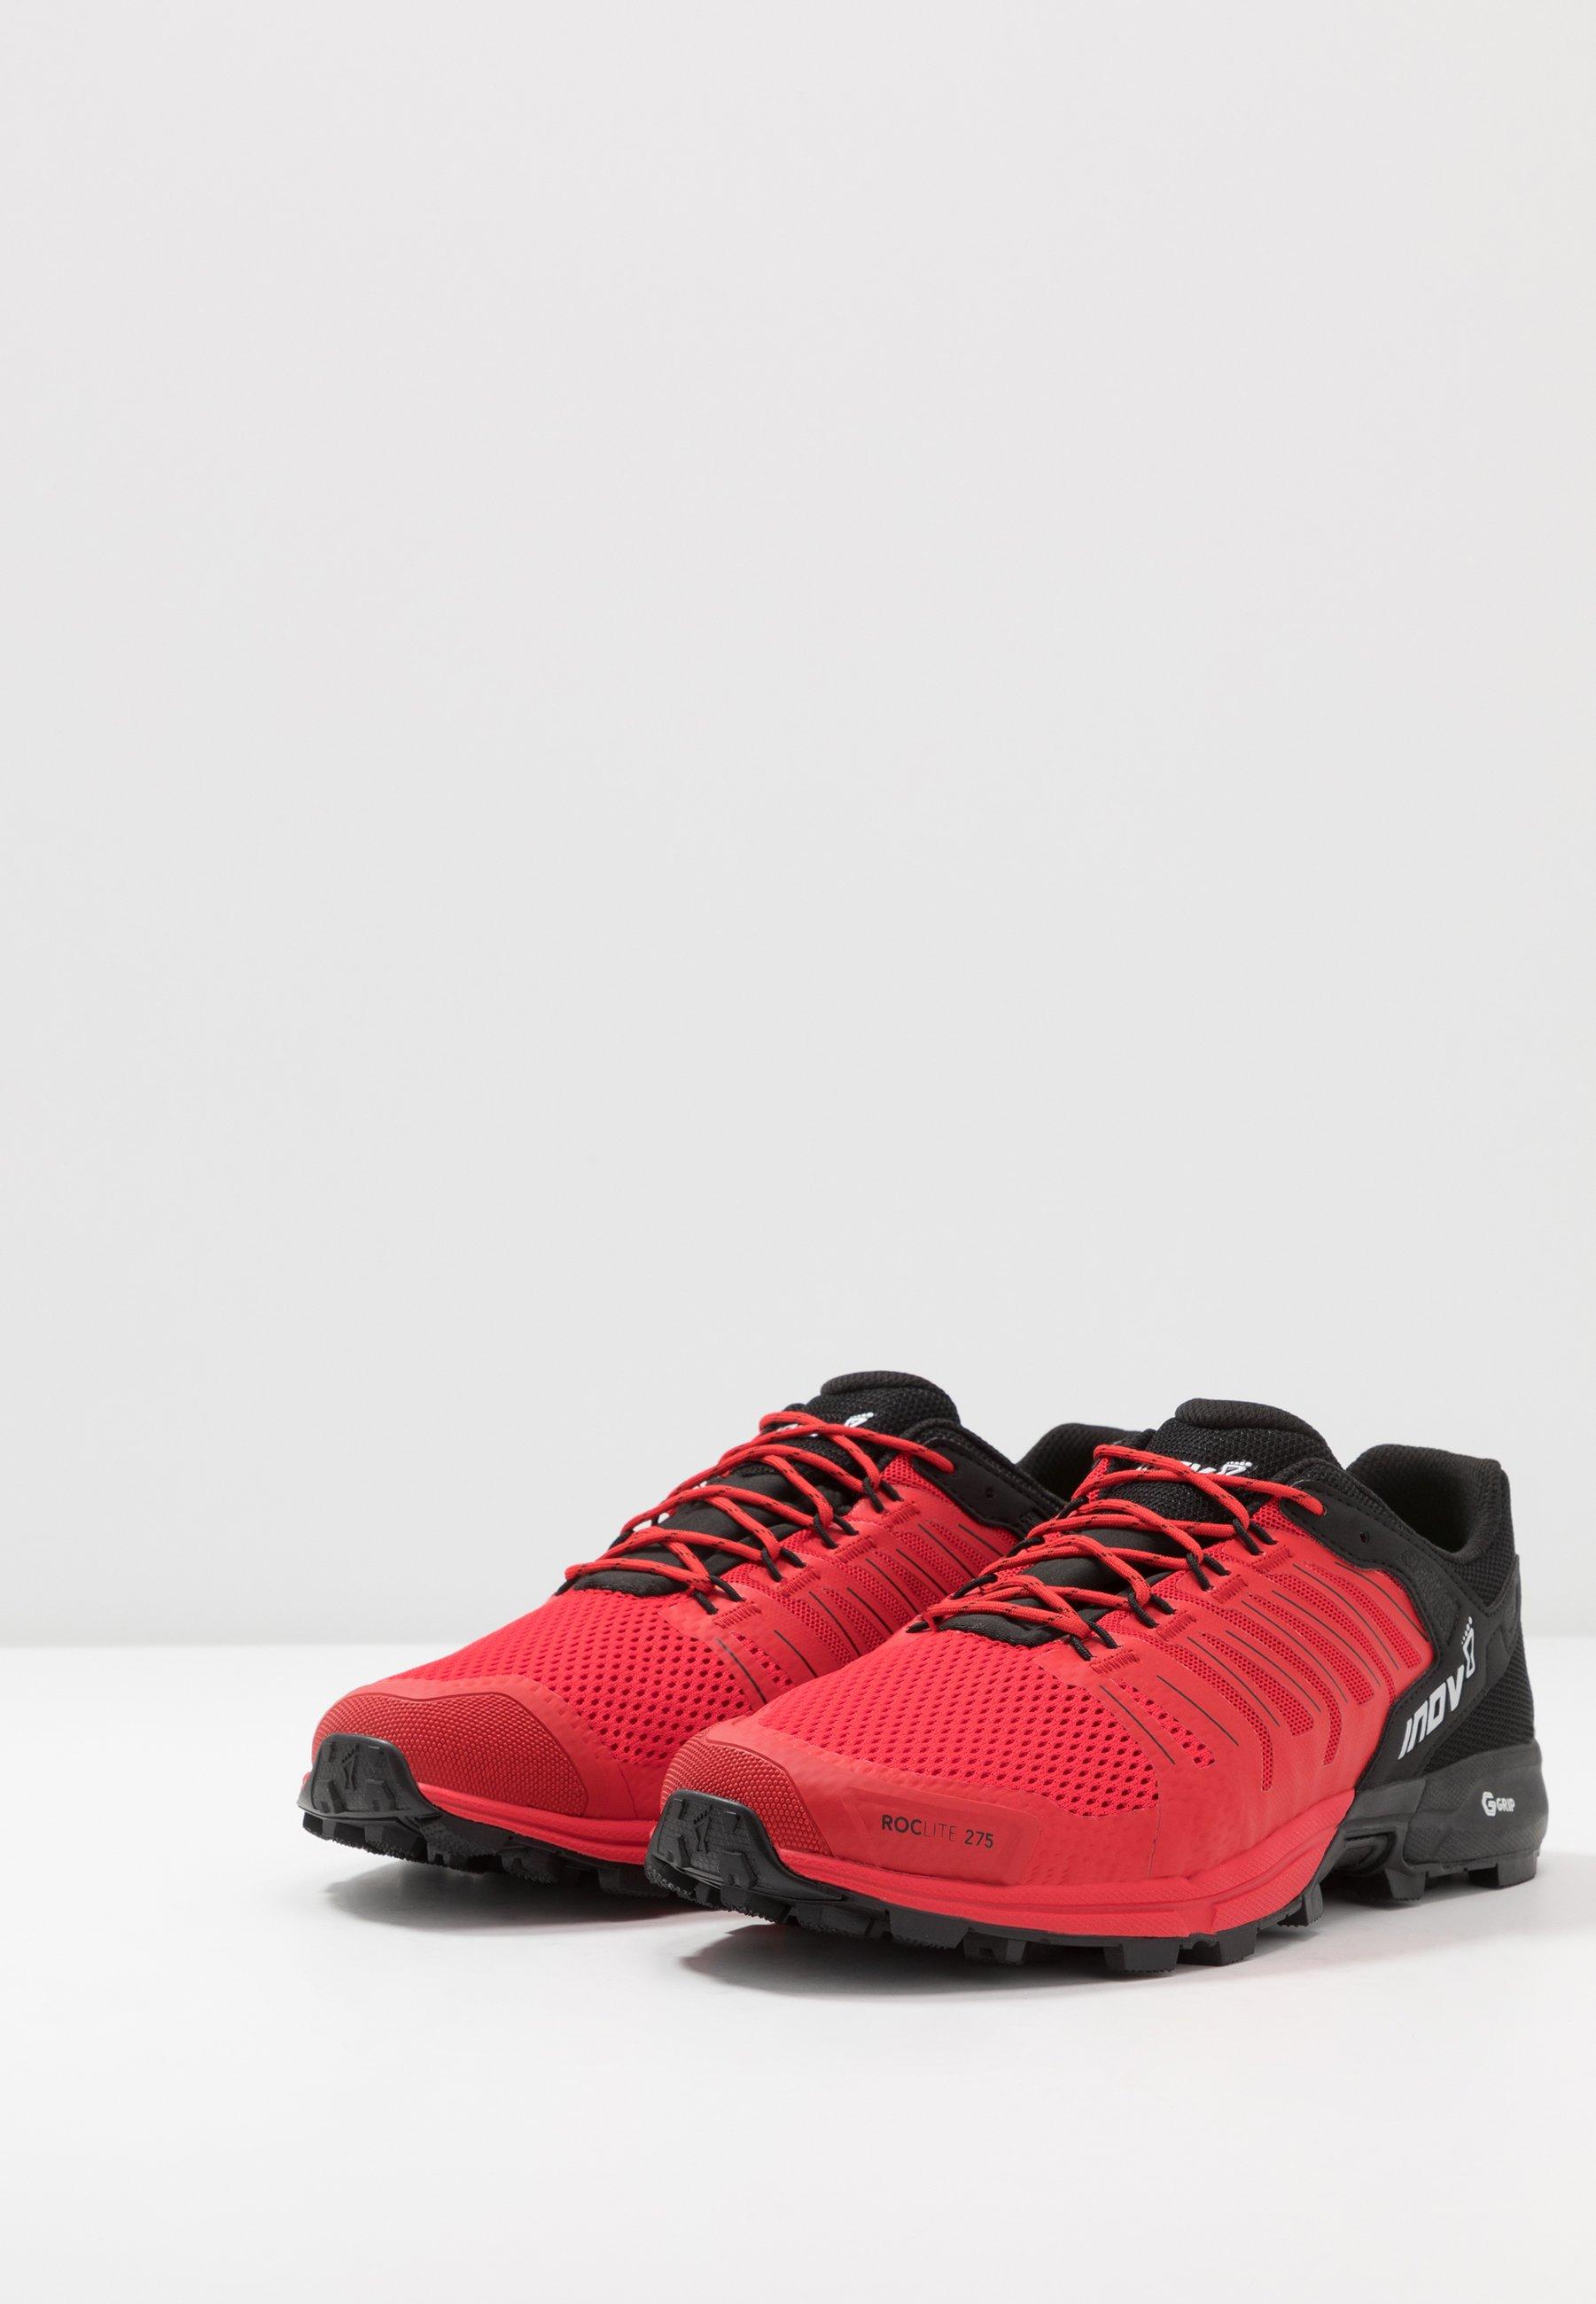 Consiglia sconto Scarpe da uomo Inov-8 ROCLITE 275  Scarpe da trail running red/black